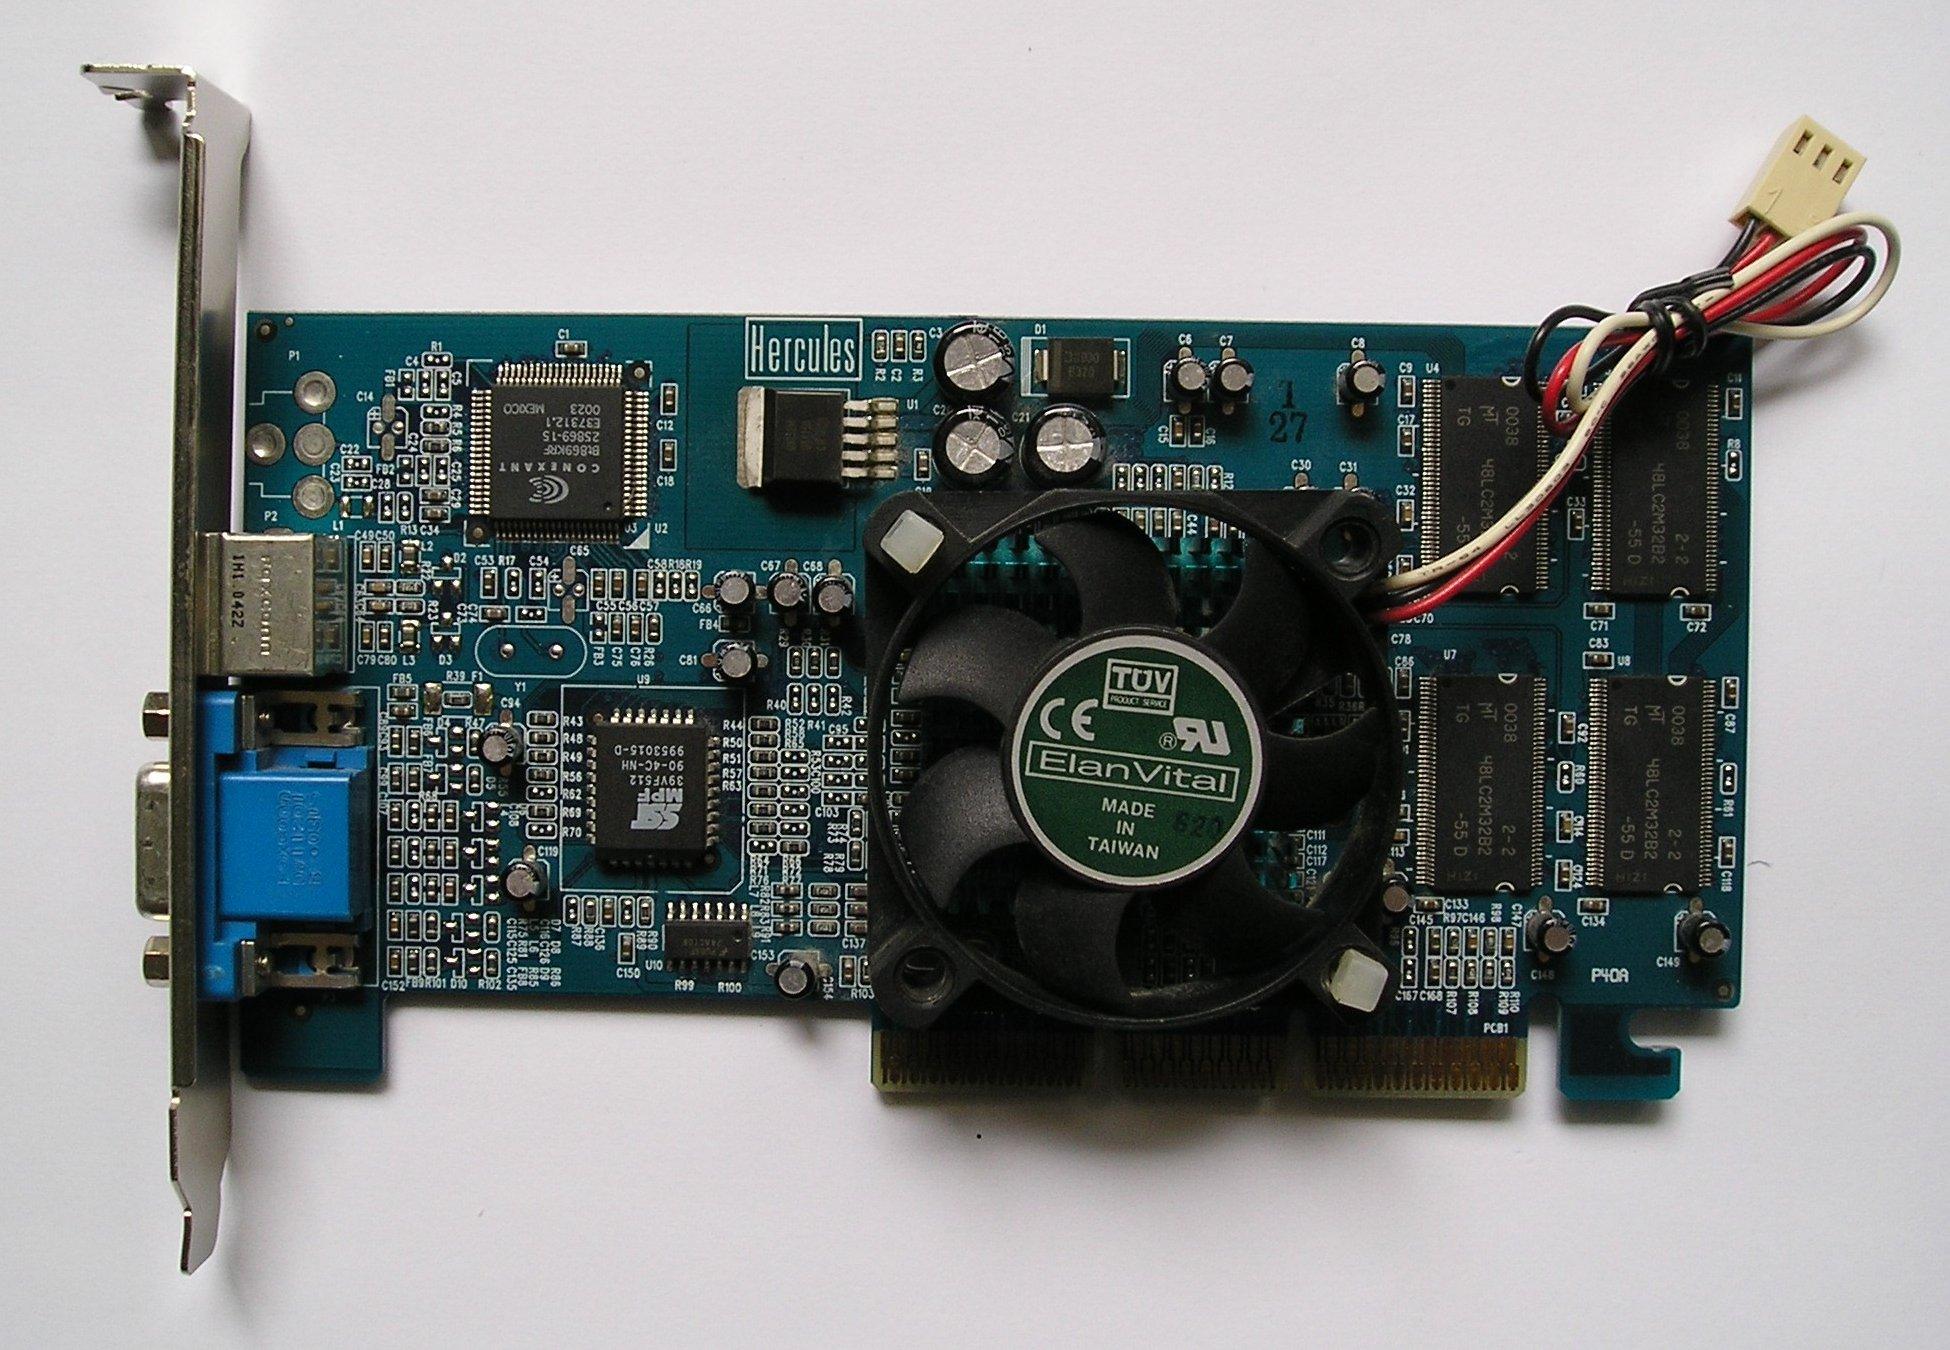 geforce2 mx400 64: